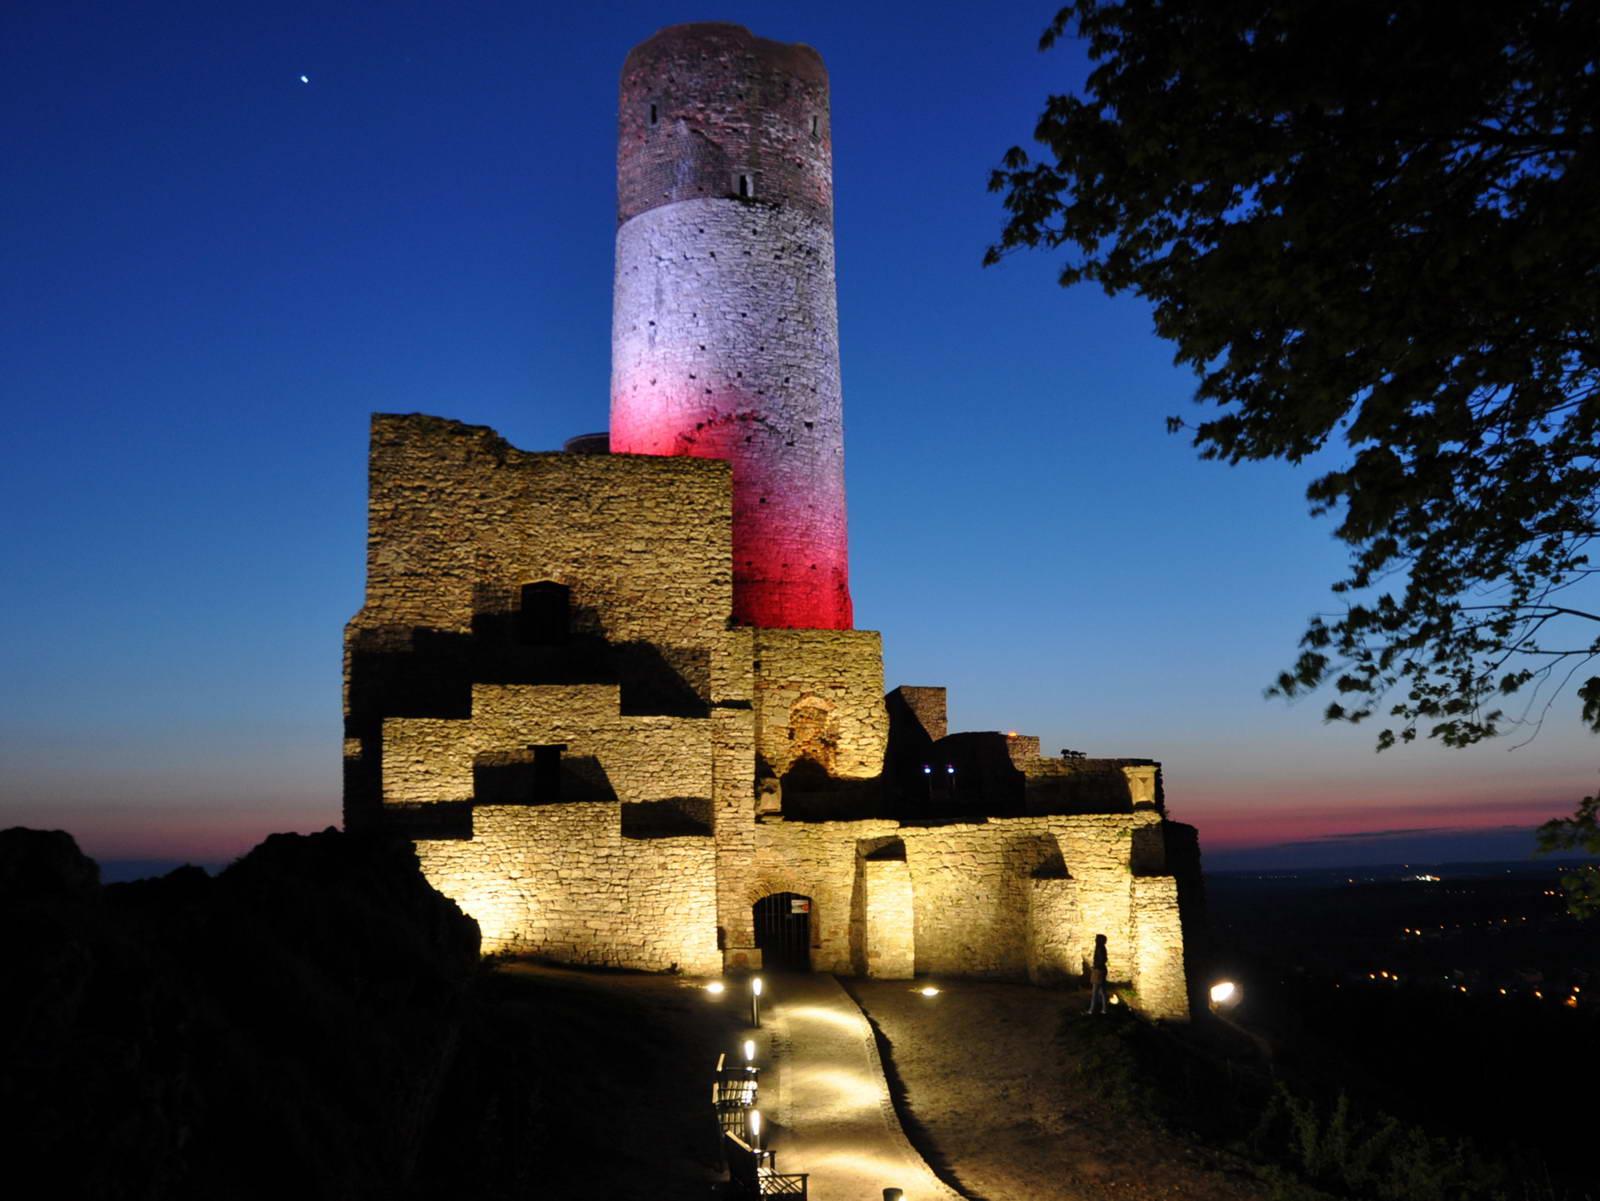 źródło: http://www.zamek.checiny.pl/galeria-multimedialna/zamek-noca